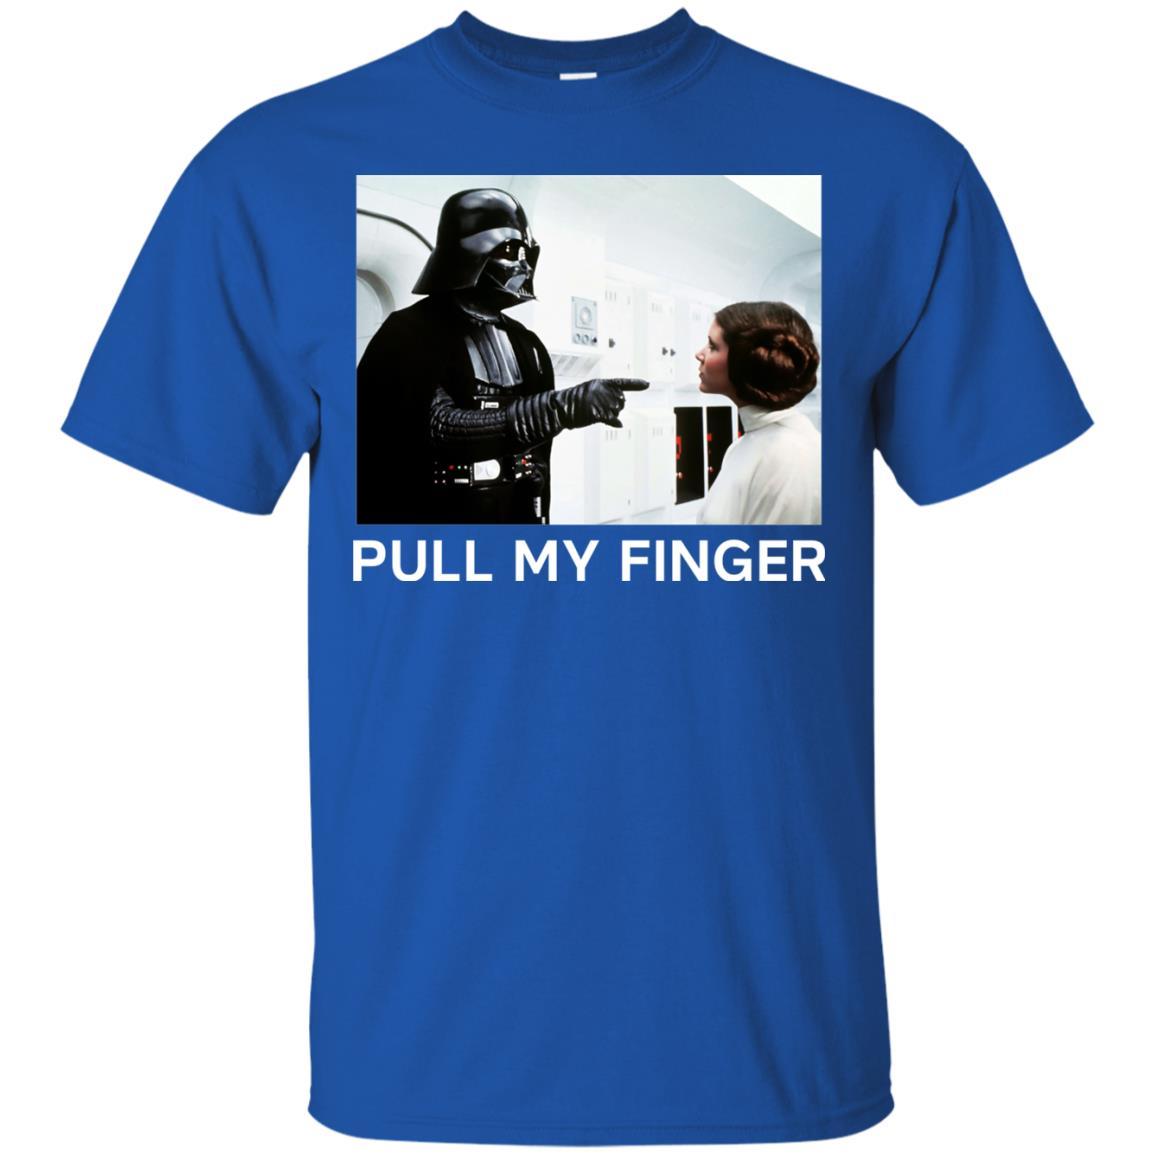 image 531 - Star Wars Darth Vader & Princess Leia: Pull My Finger shirt